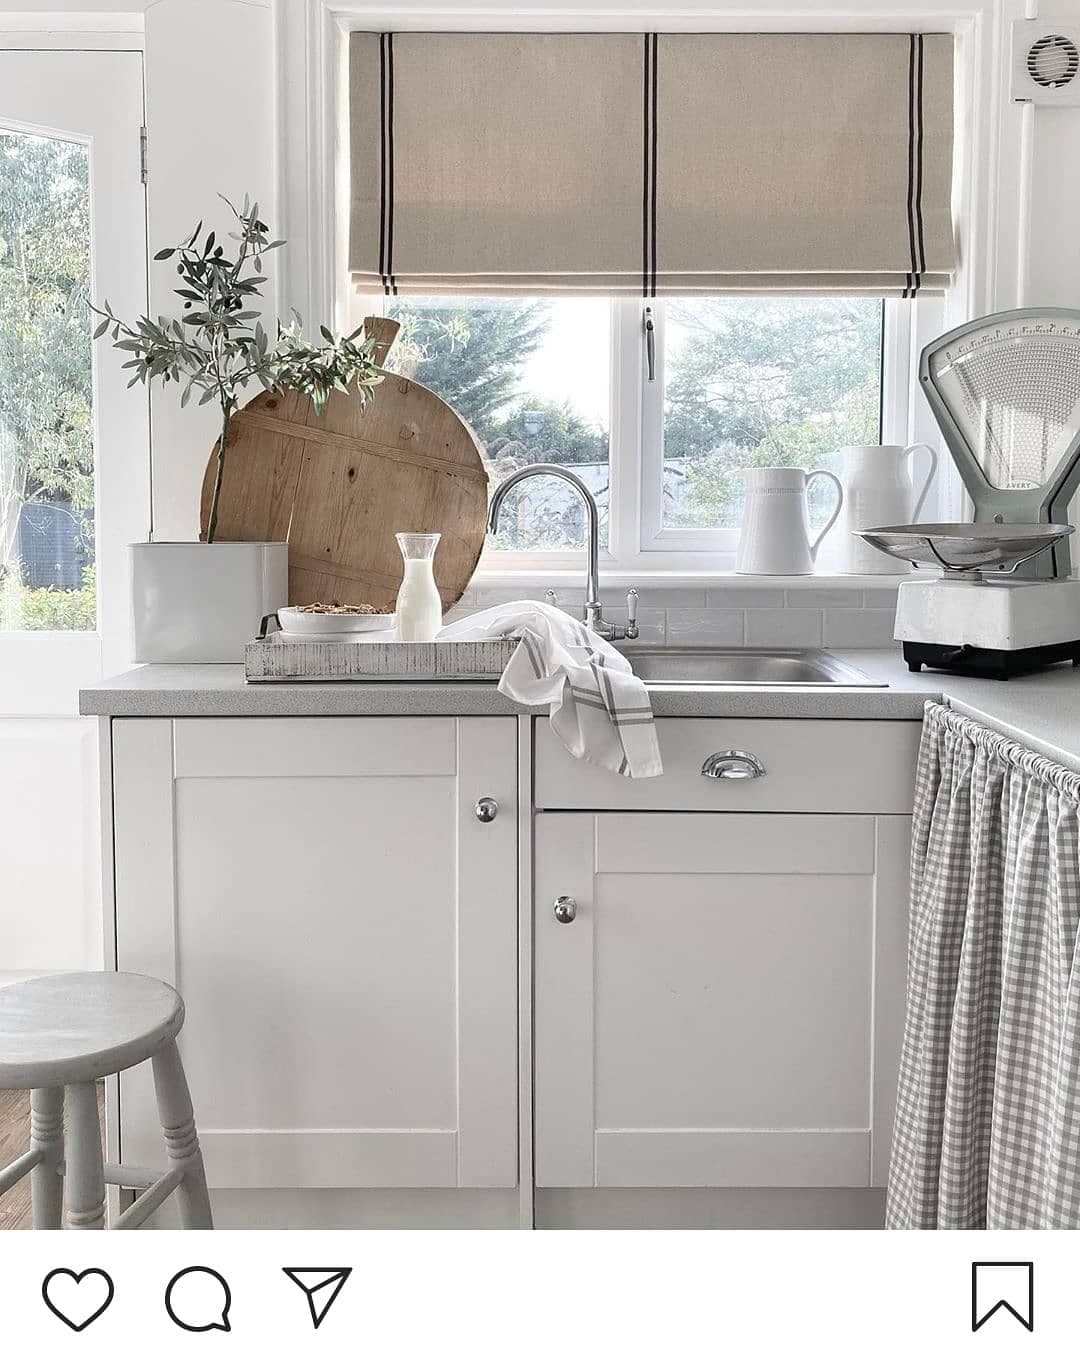 Римские шторы на кухне: как оформить окно в разных стилях. 95 дизайнерских идей